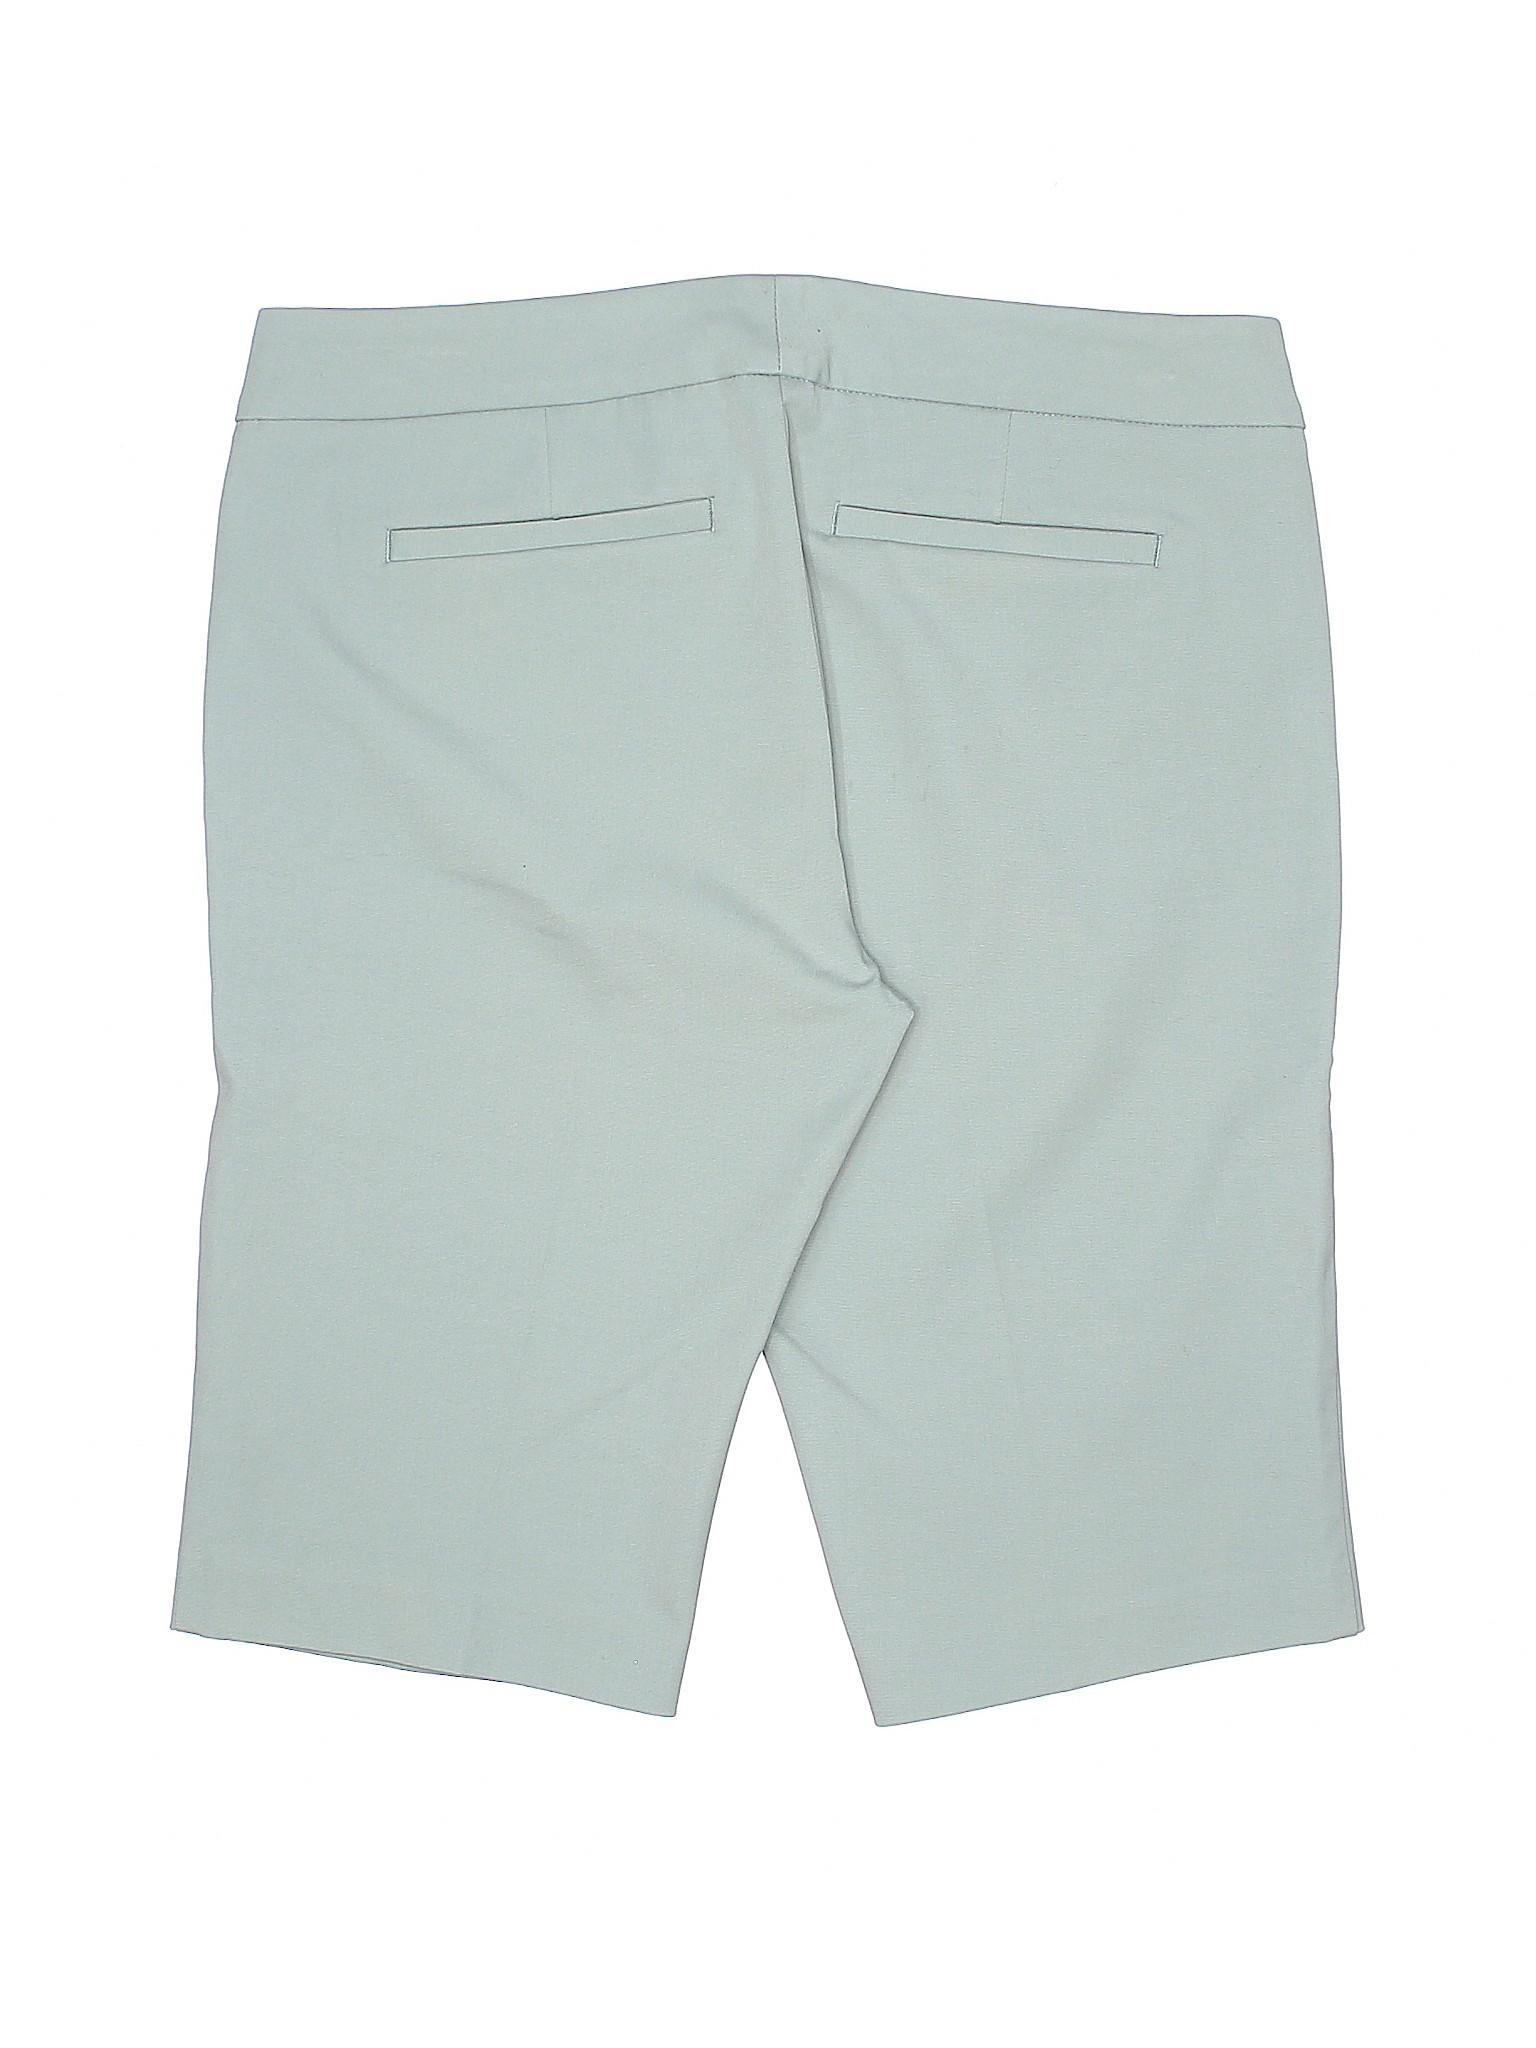 Dressy Boutique Boutique Shorts Boutique Dressy Shorts Boutique Shorts Dressy Boutique Ecru Ecru Dressy Ecru Ecru Shorts Ecru ZCUR1q